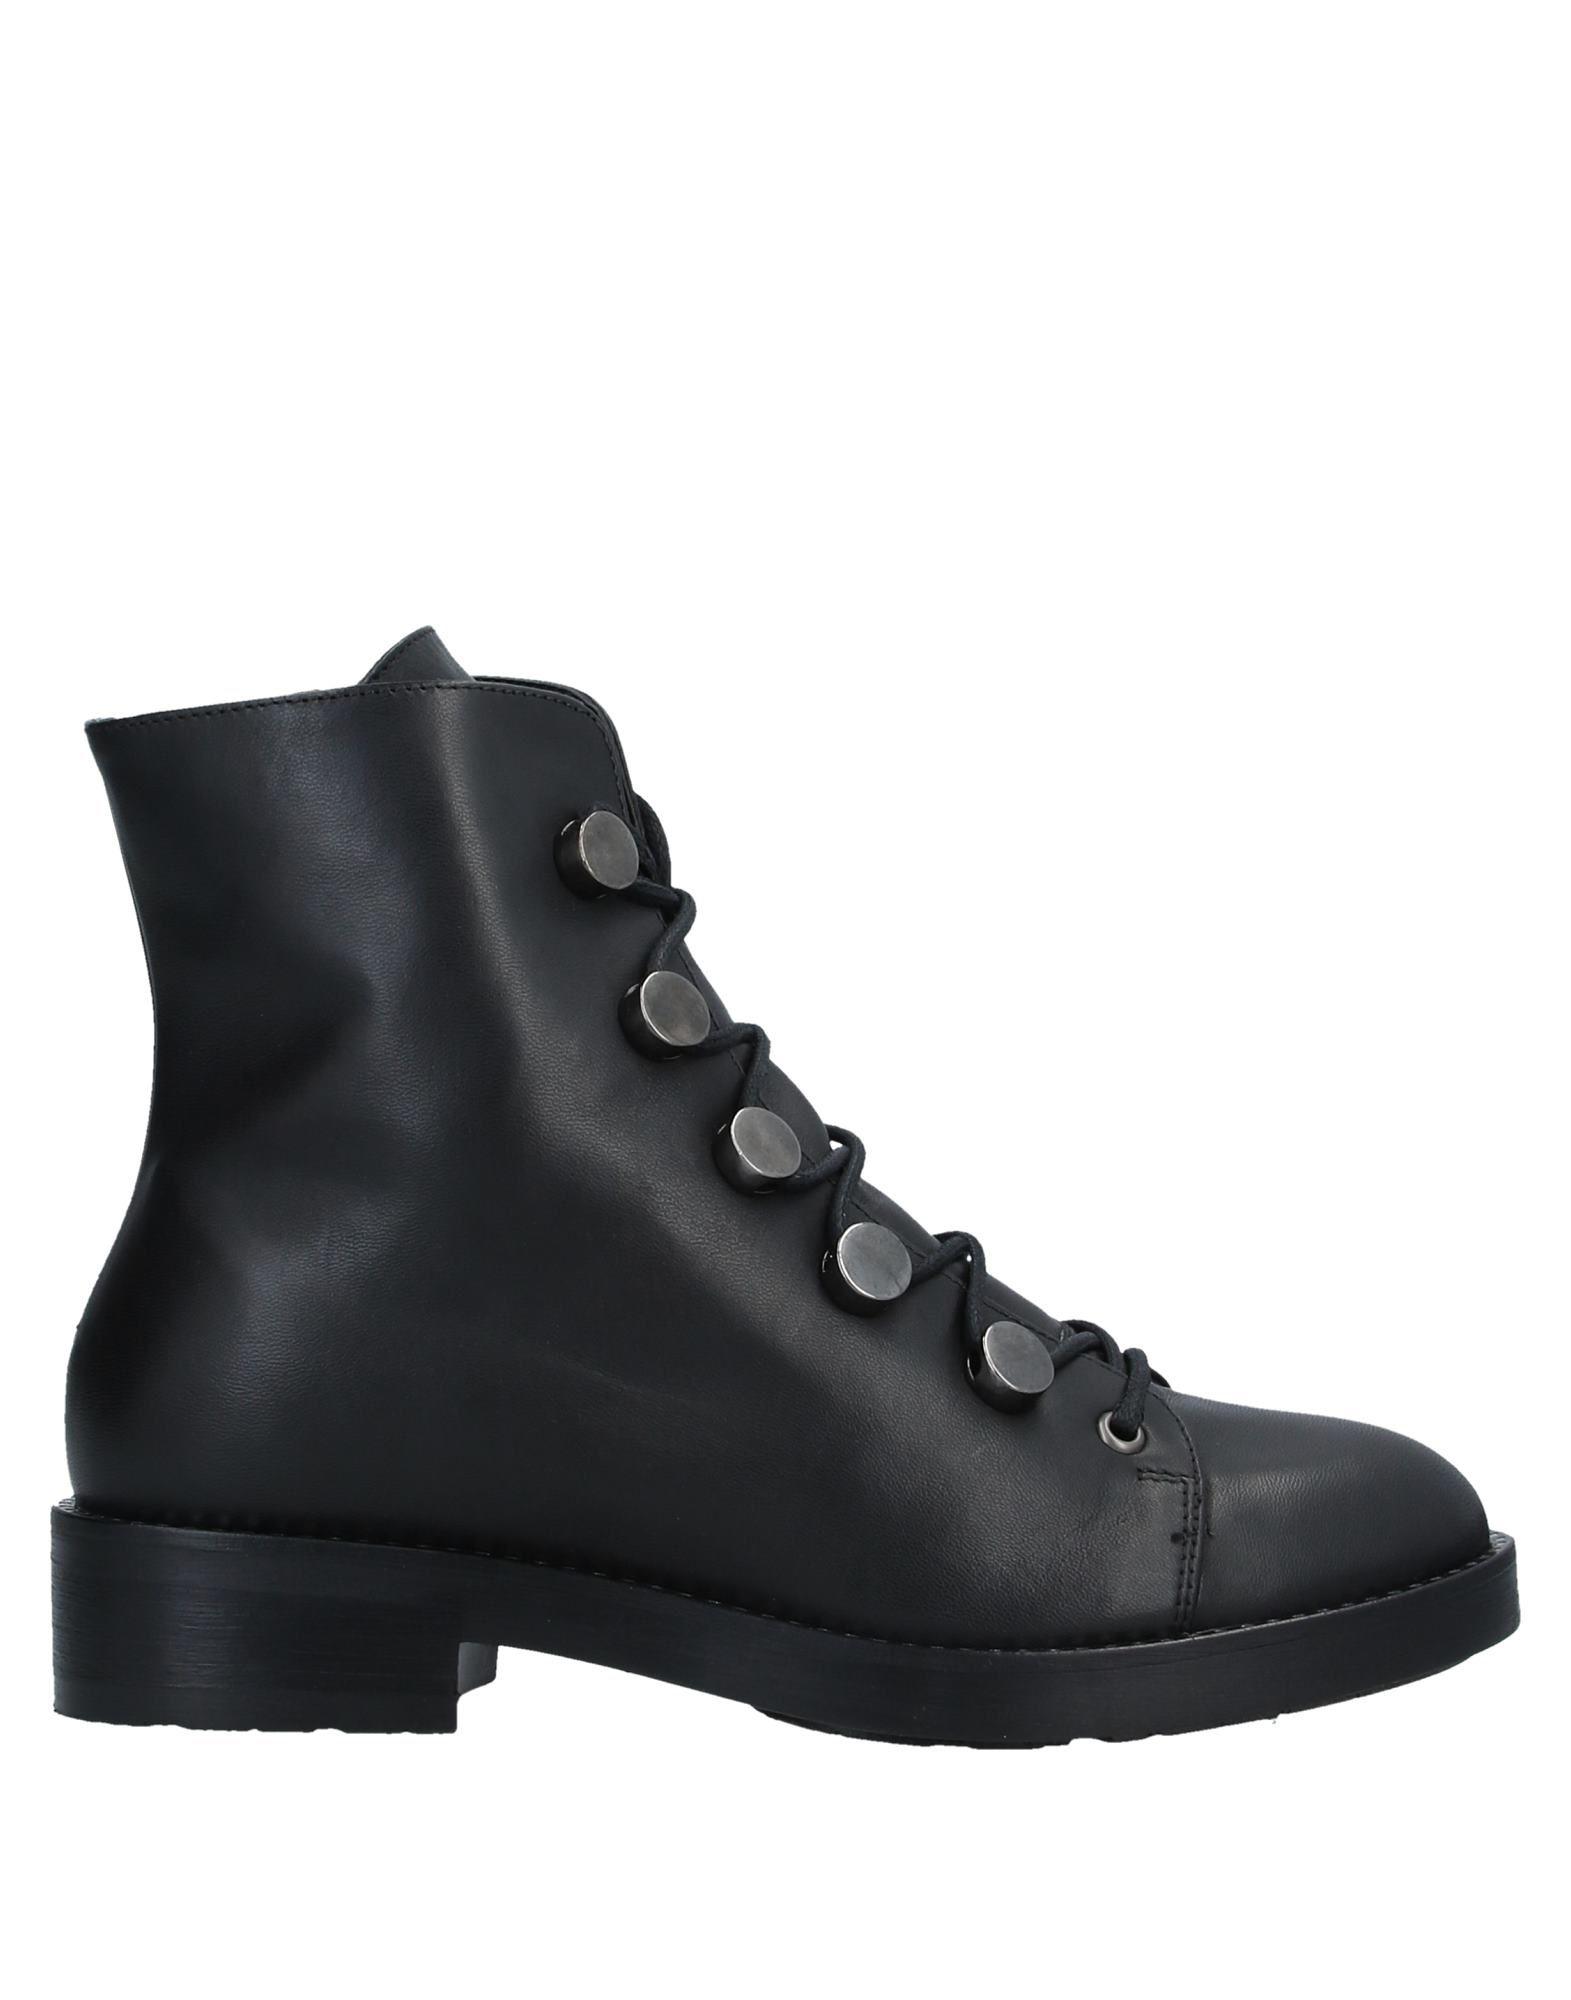 Chelsea Stiefel Formentini damen - 11750165CM